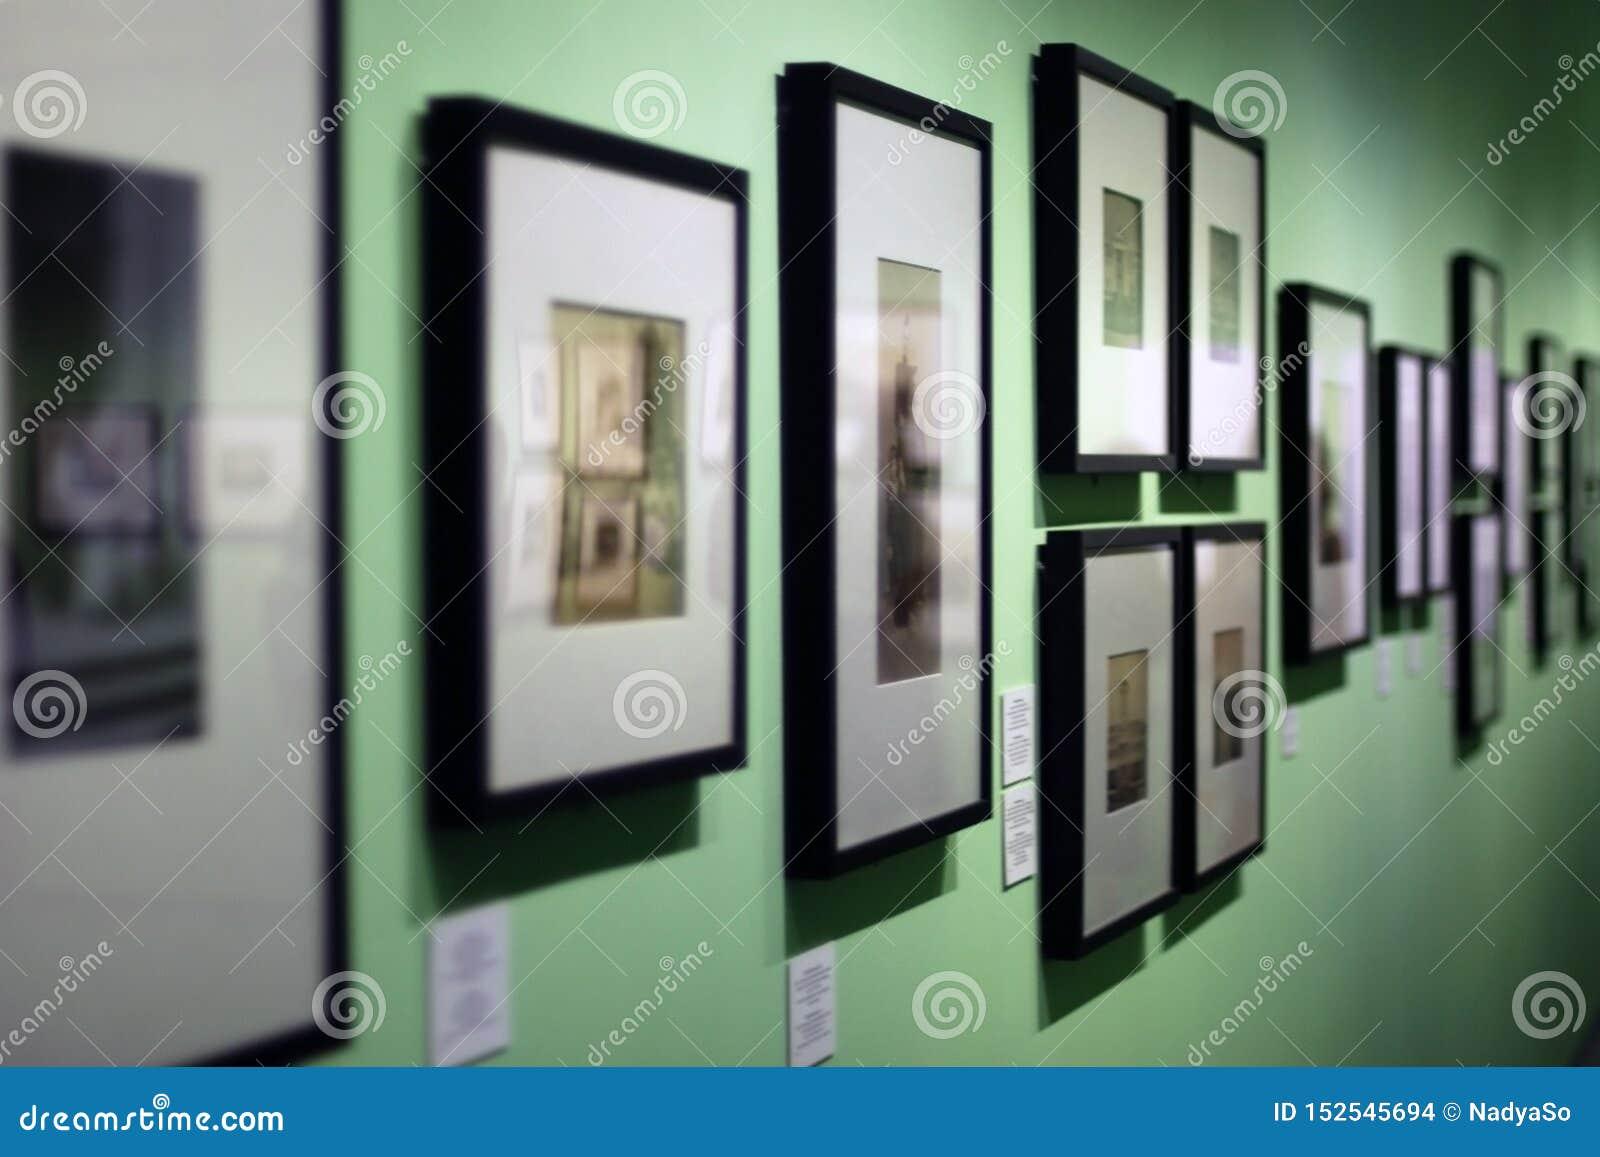 Vele fotokaders met uitstekende foto s die op groene muur in kunstgalerie hangen